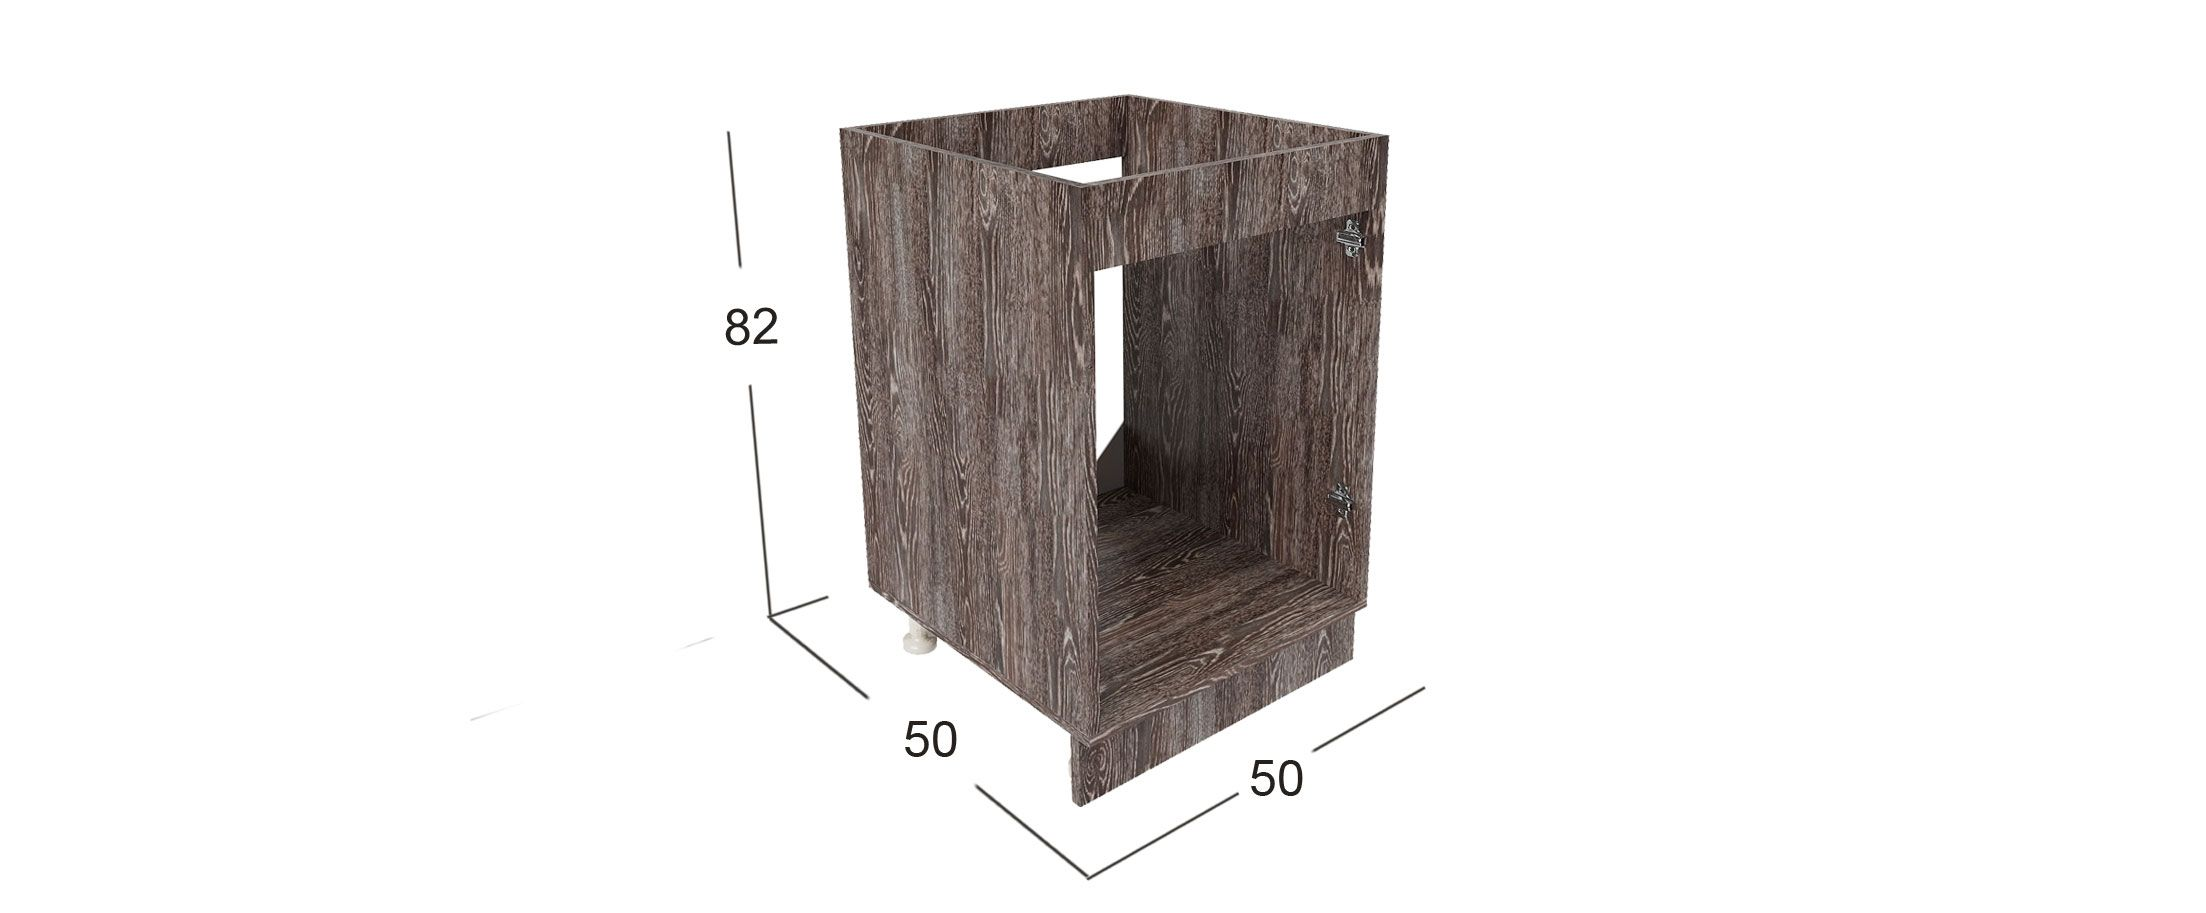 Кухня Марсела лайм 1,5 мКупить удобный и практичный набор кухонного гарнитура в интернет магазине MOON TRADE. Быстрая доставка, вынос упаковки, гарантия! Выгодная покупка!<br><br>Ширина см: 150<br>Глубина см: 60<br>Высота см: 82<br>Материал столешницы: ЛДСП с пленкой ПВХ<br>Материал корпуса: ЛДСП<br>Тип направляющих: Роликовые<br>Цвет корпуса: Дуб Марсела<br>Цвет столешницы: Асфальт белый<br>Цвет фасада: Лайм, Дуб Марсела<br>Материал фасада: ЛДСП